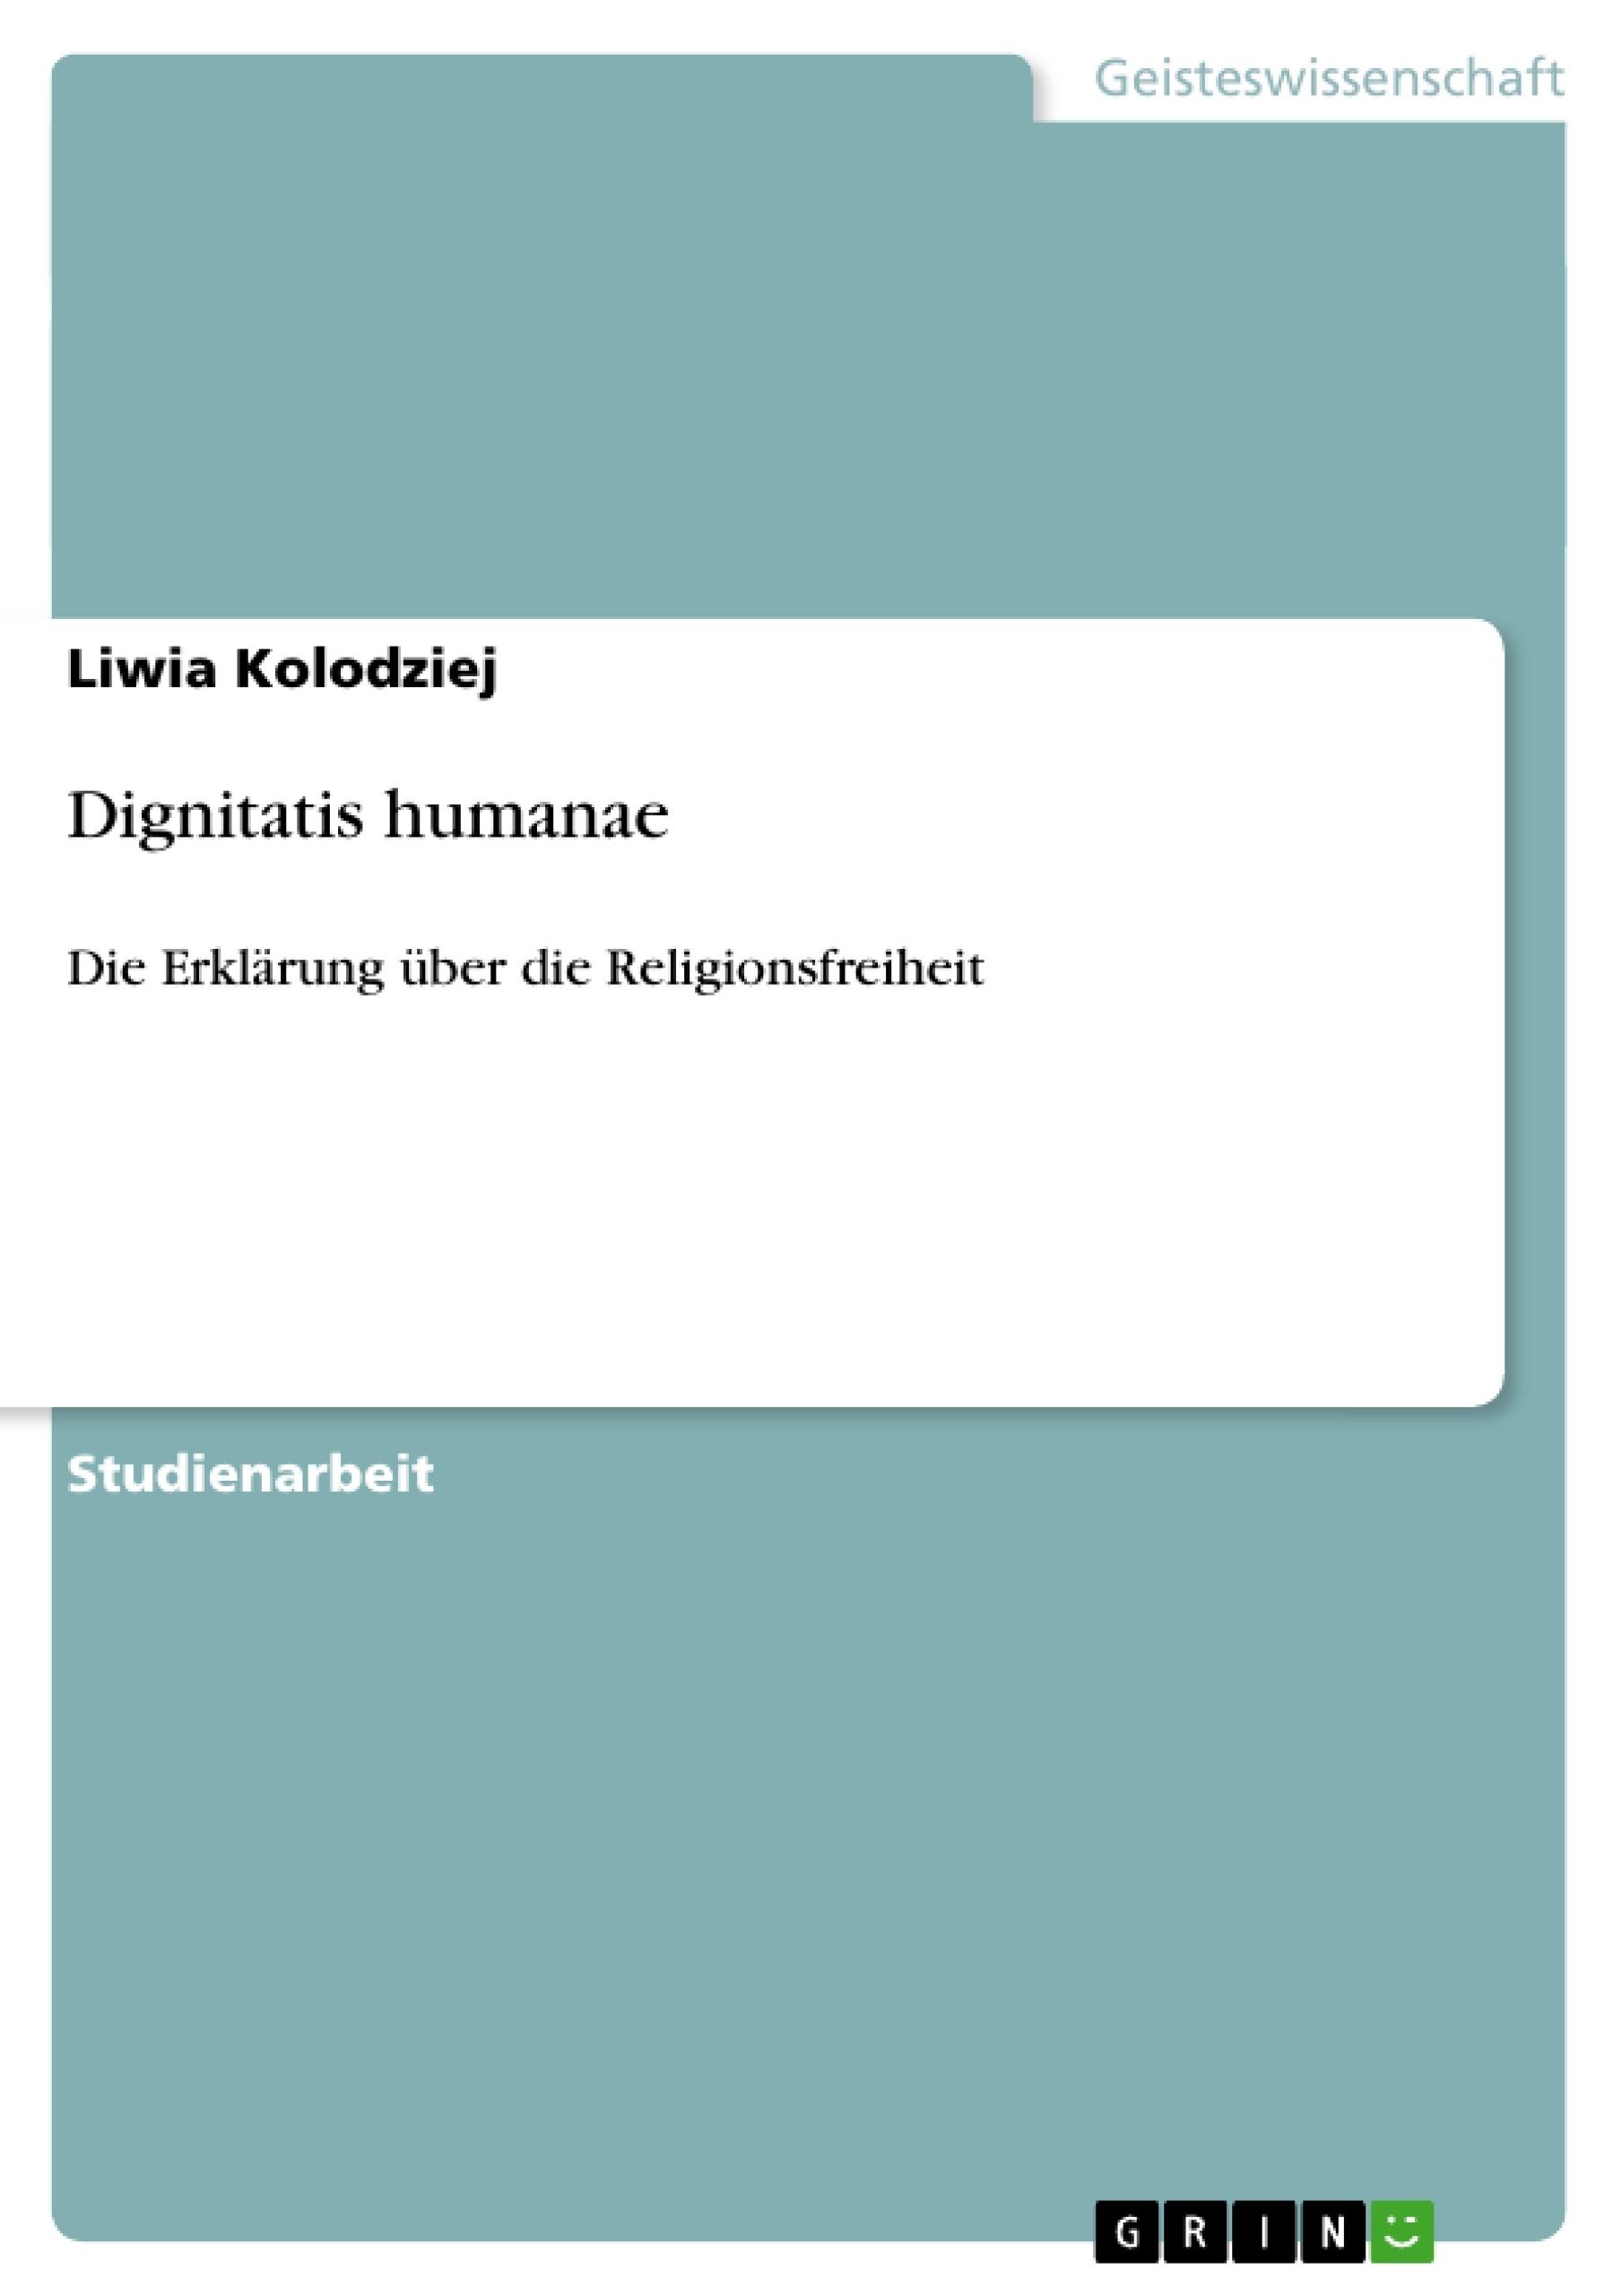 Titel: Dignitatis humanae